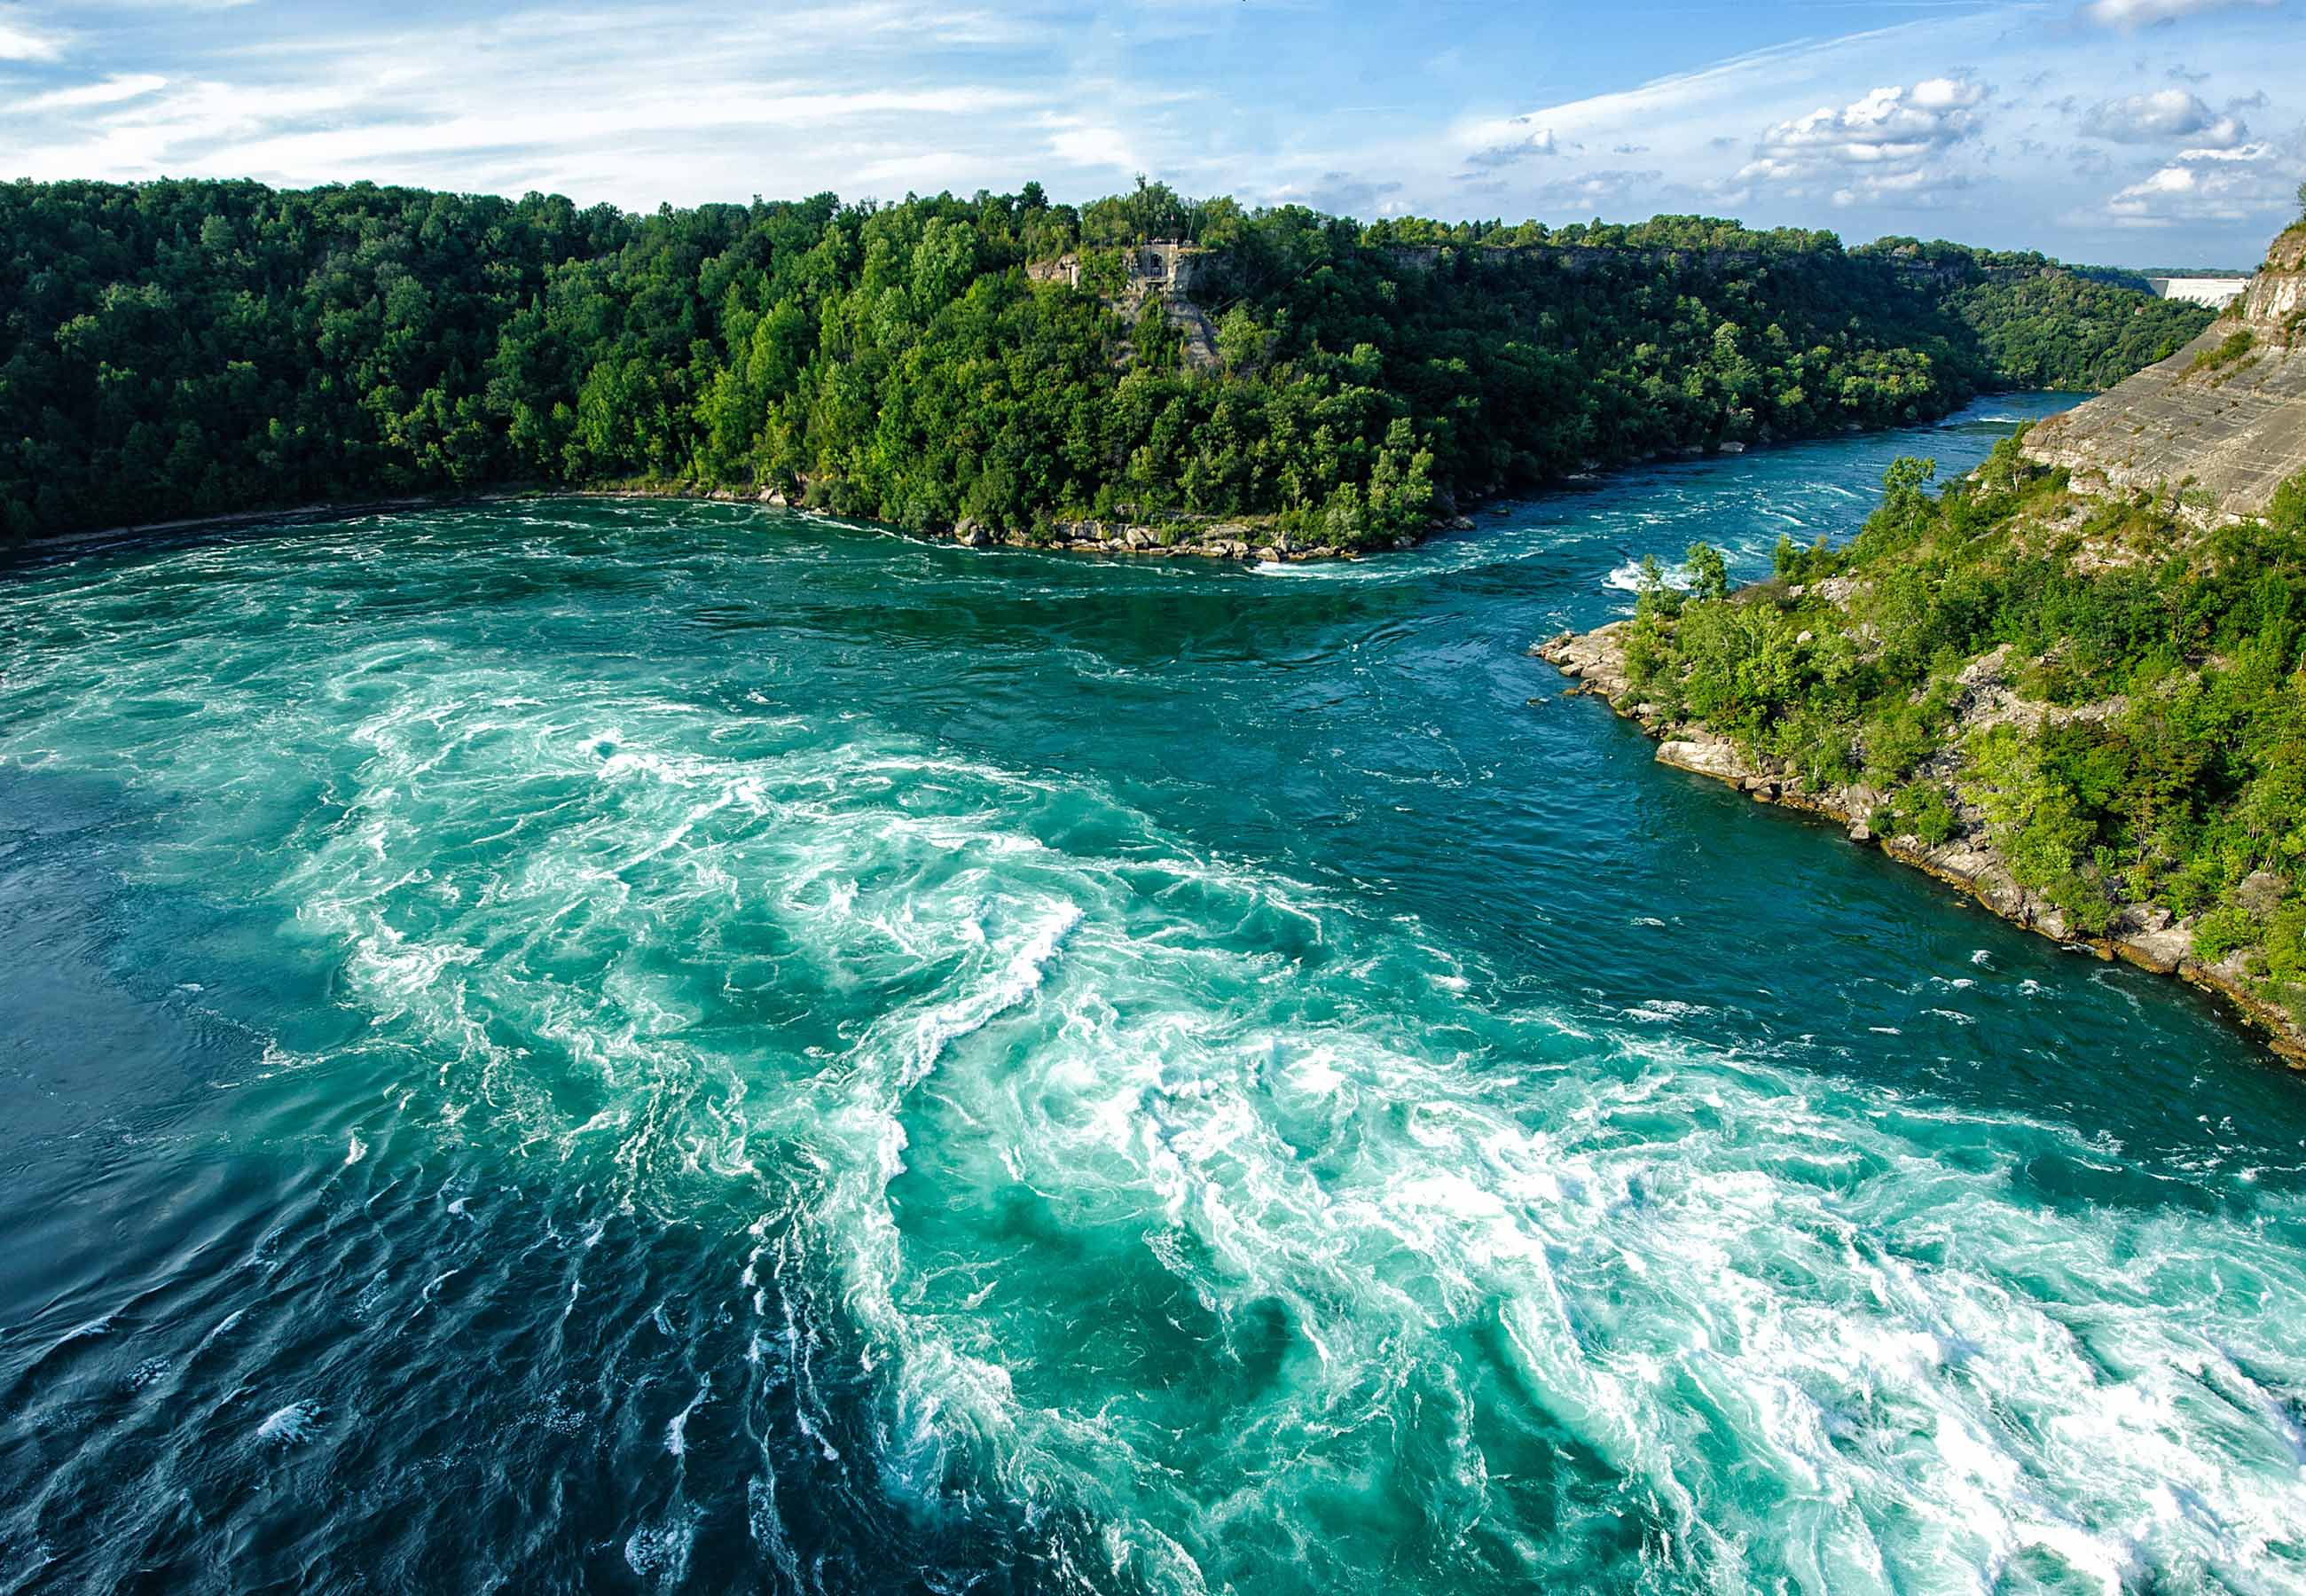 Faire du vélo le long de la rivière Niagara n'avait jamais été plus facile